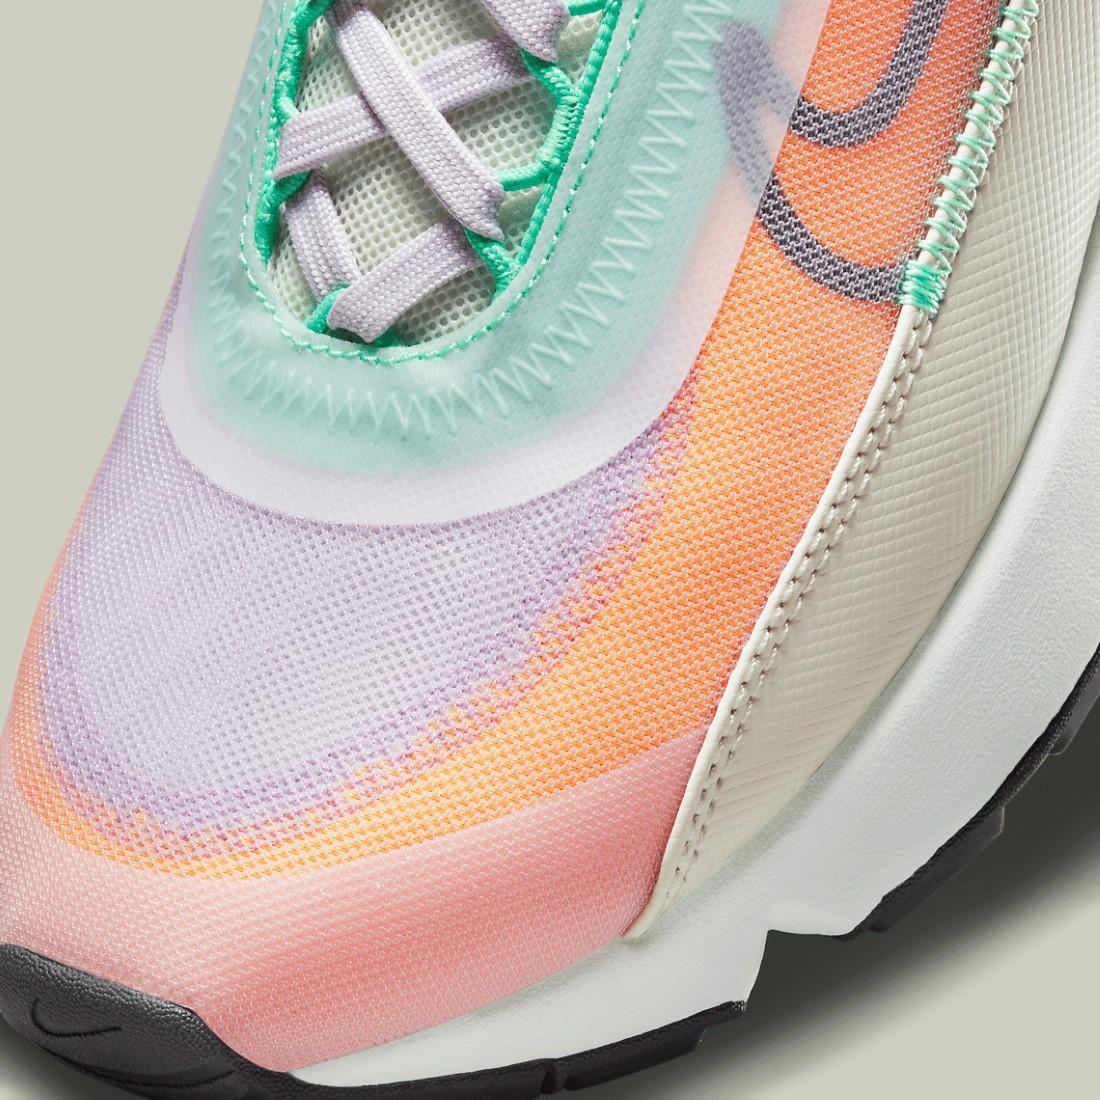 Nike Air Max 2090 Pâques